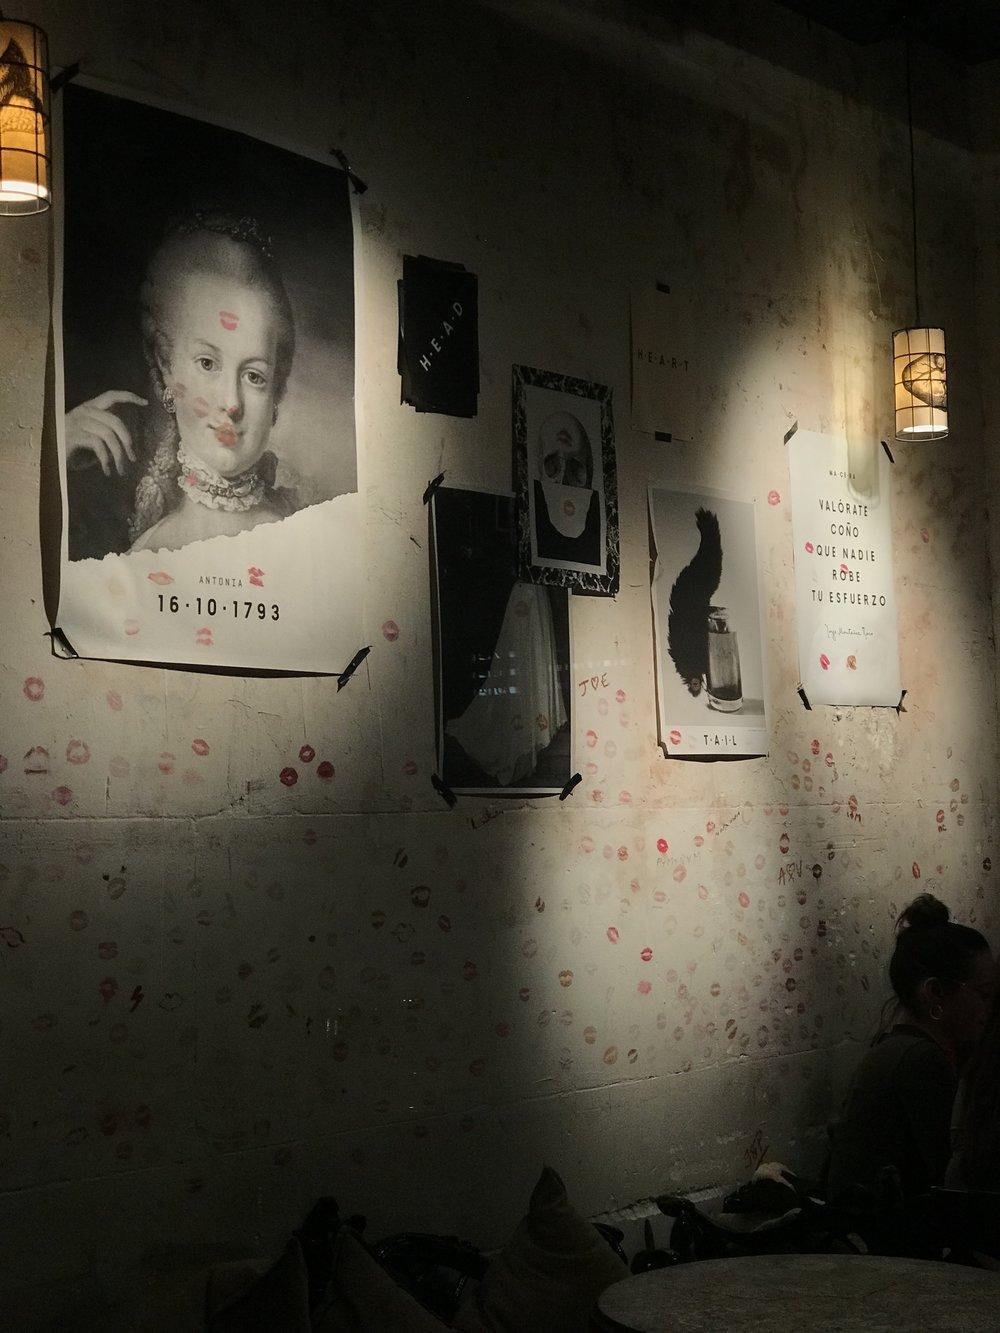 La pared de Macera está decorada con marca de labios rojos de comensales.